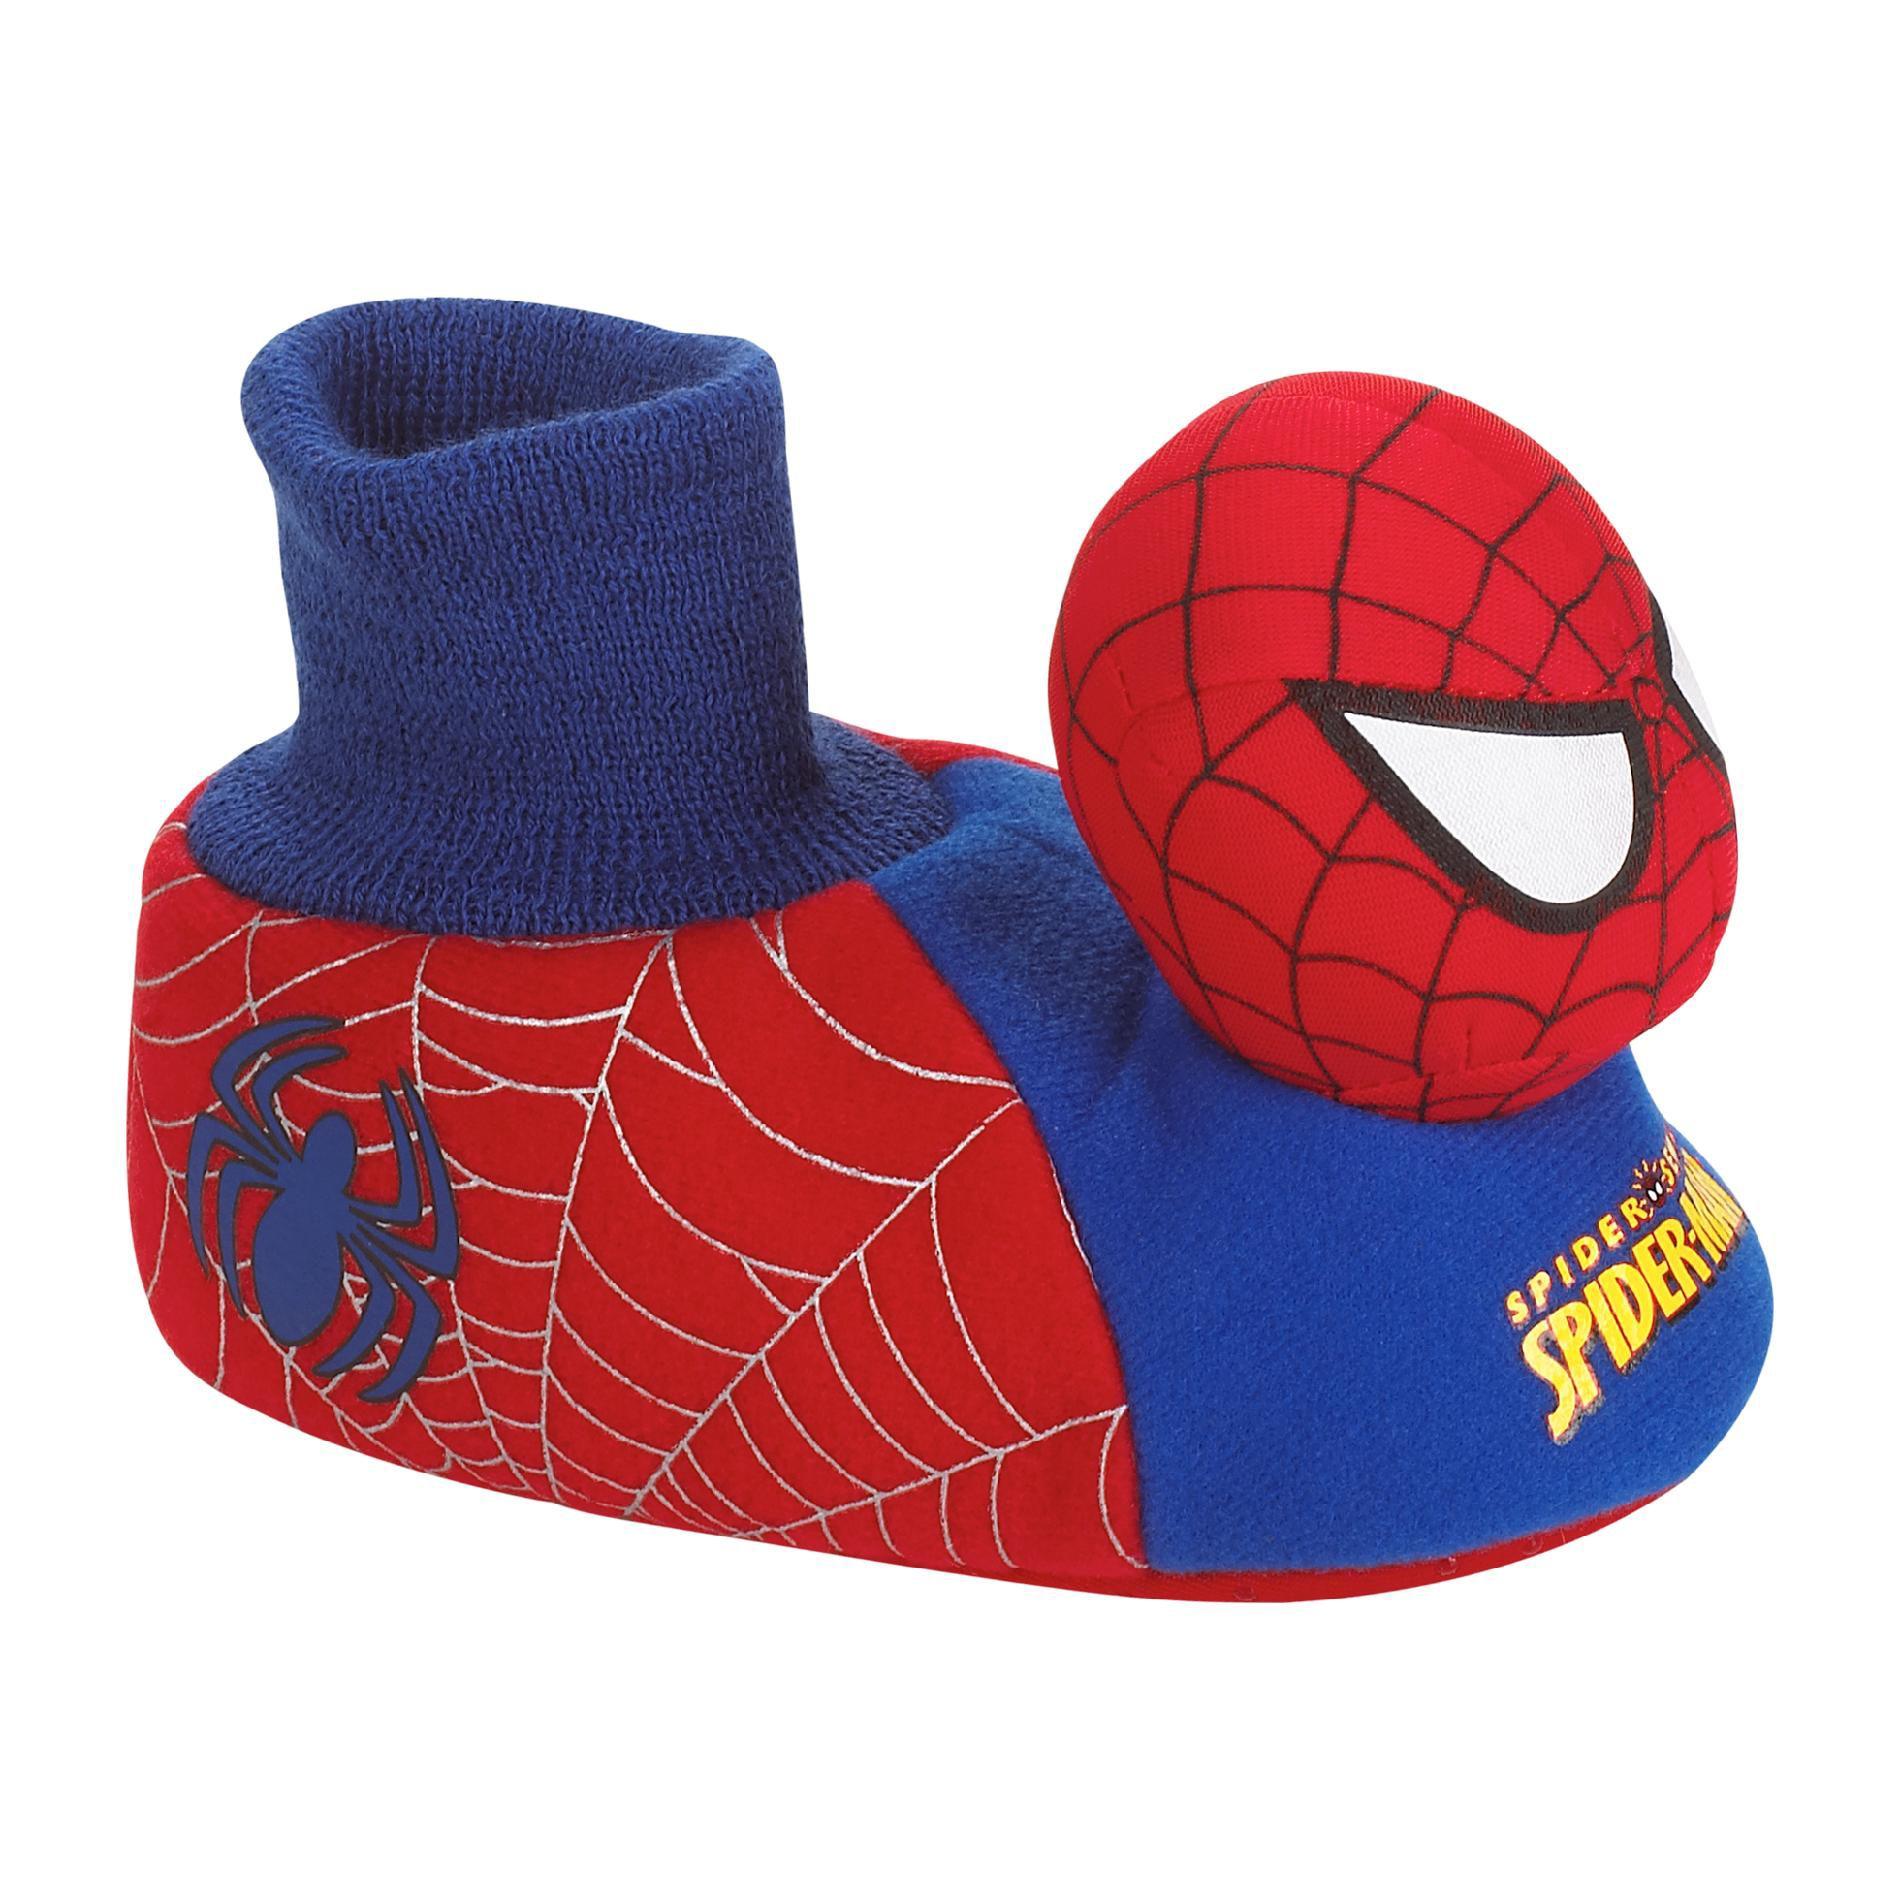 Marvel Toddler Boys' Spiderman Socktop Slipper - Red